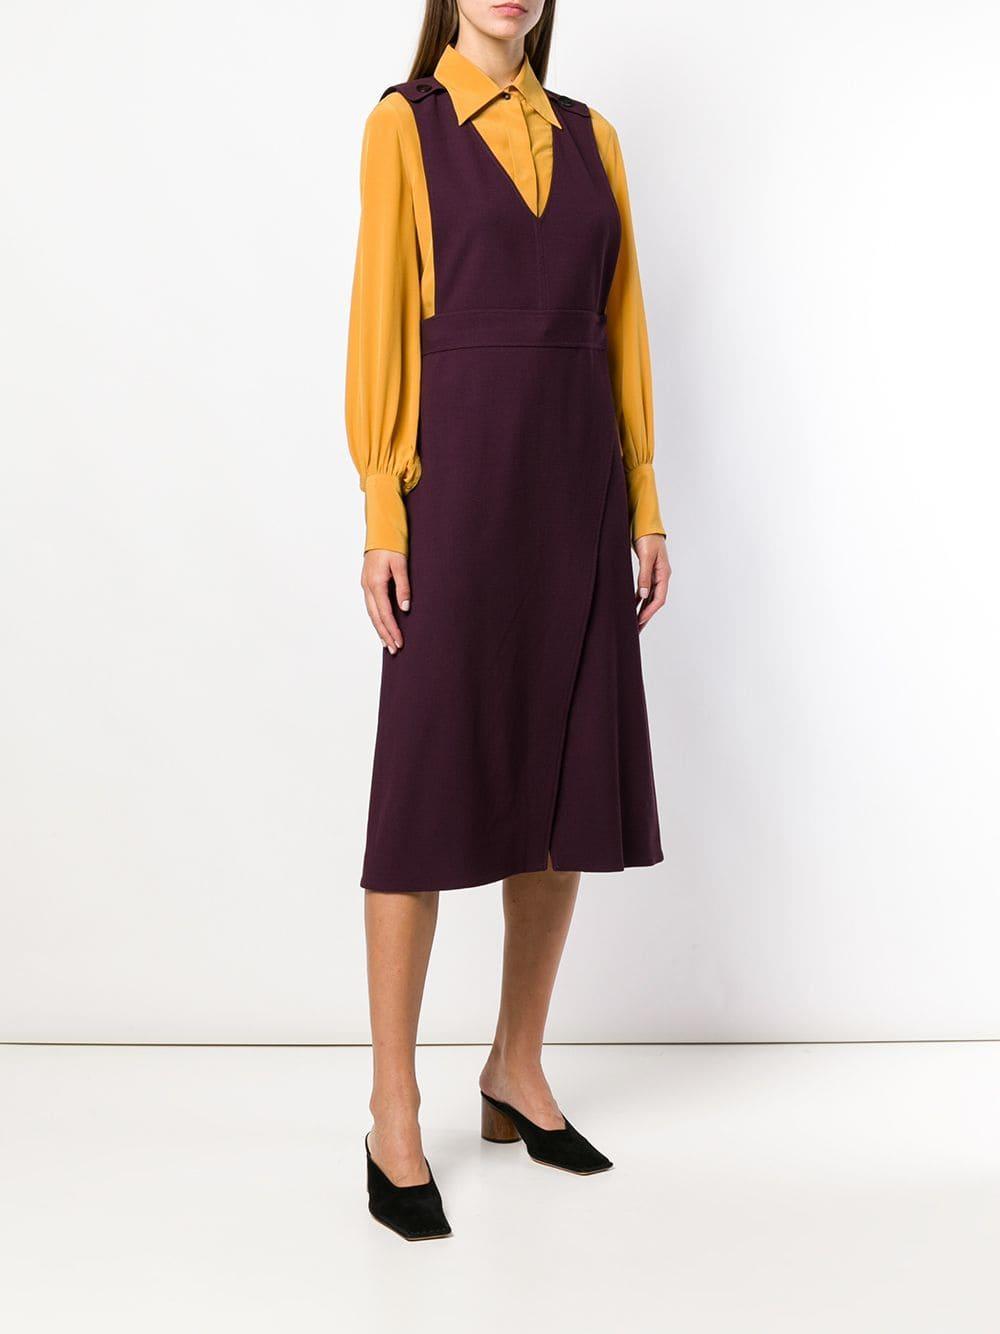 Robe sans manches Soie Victoria, Victoria Beckham en coloris Rose